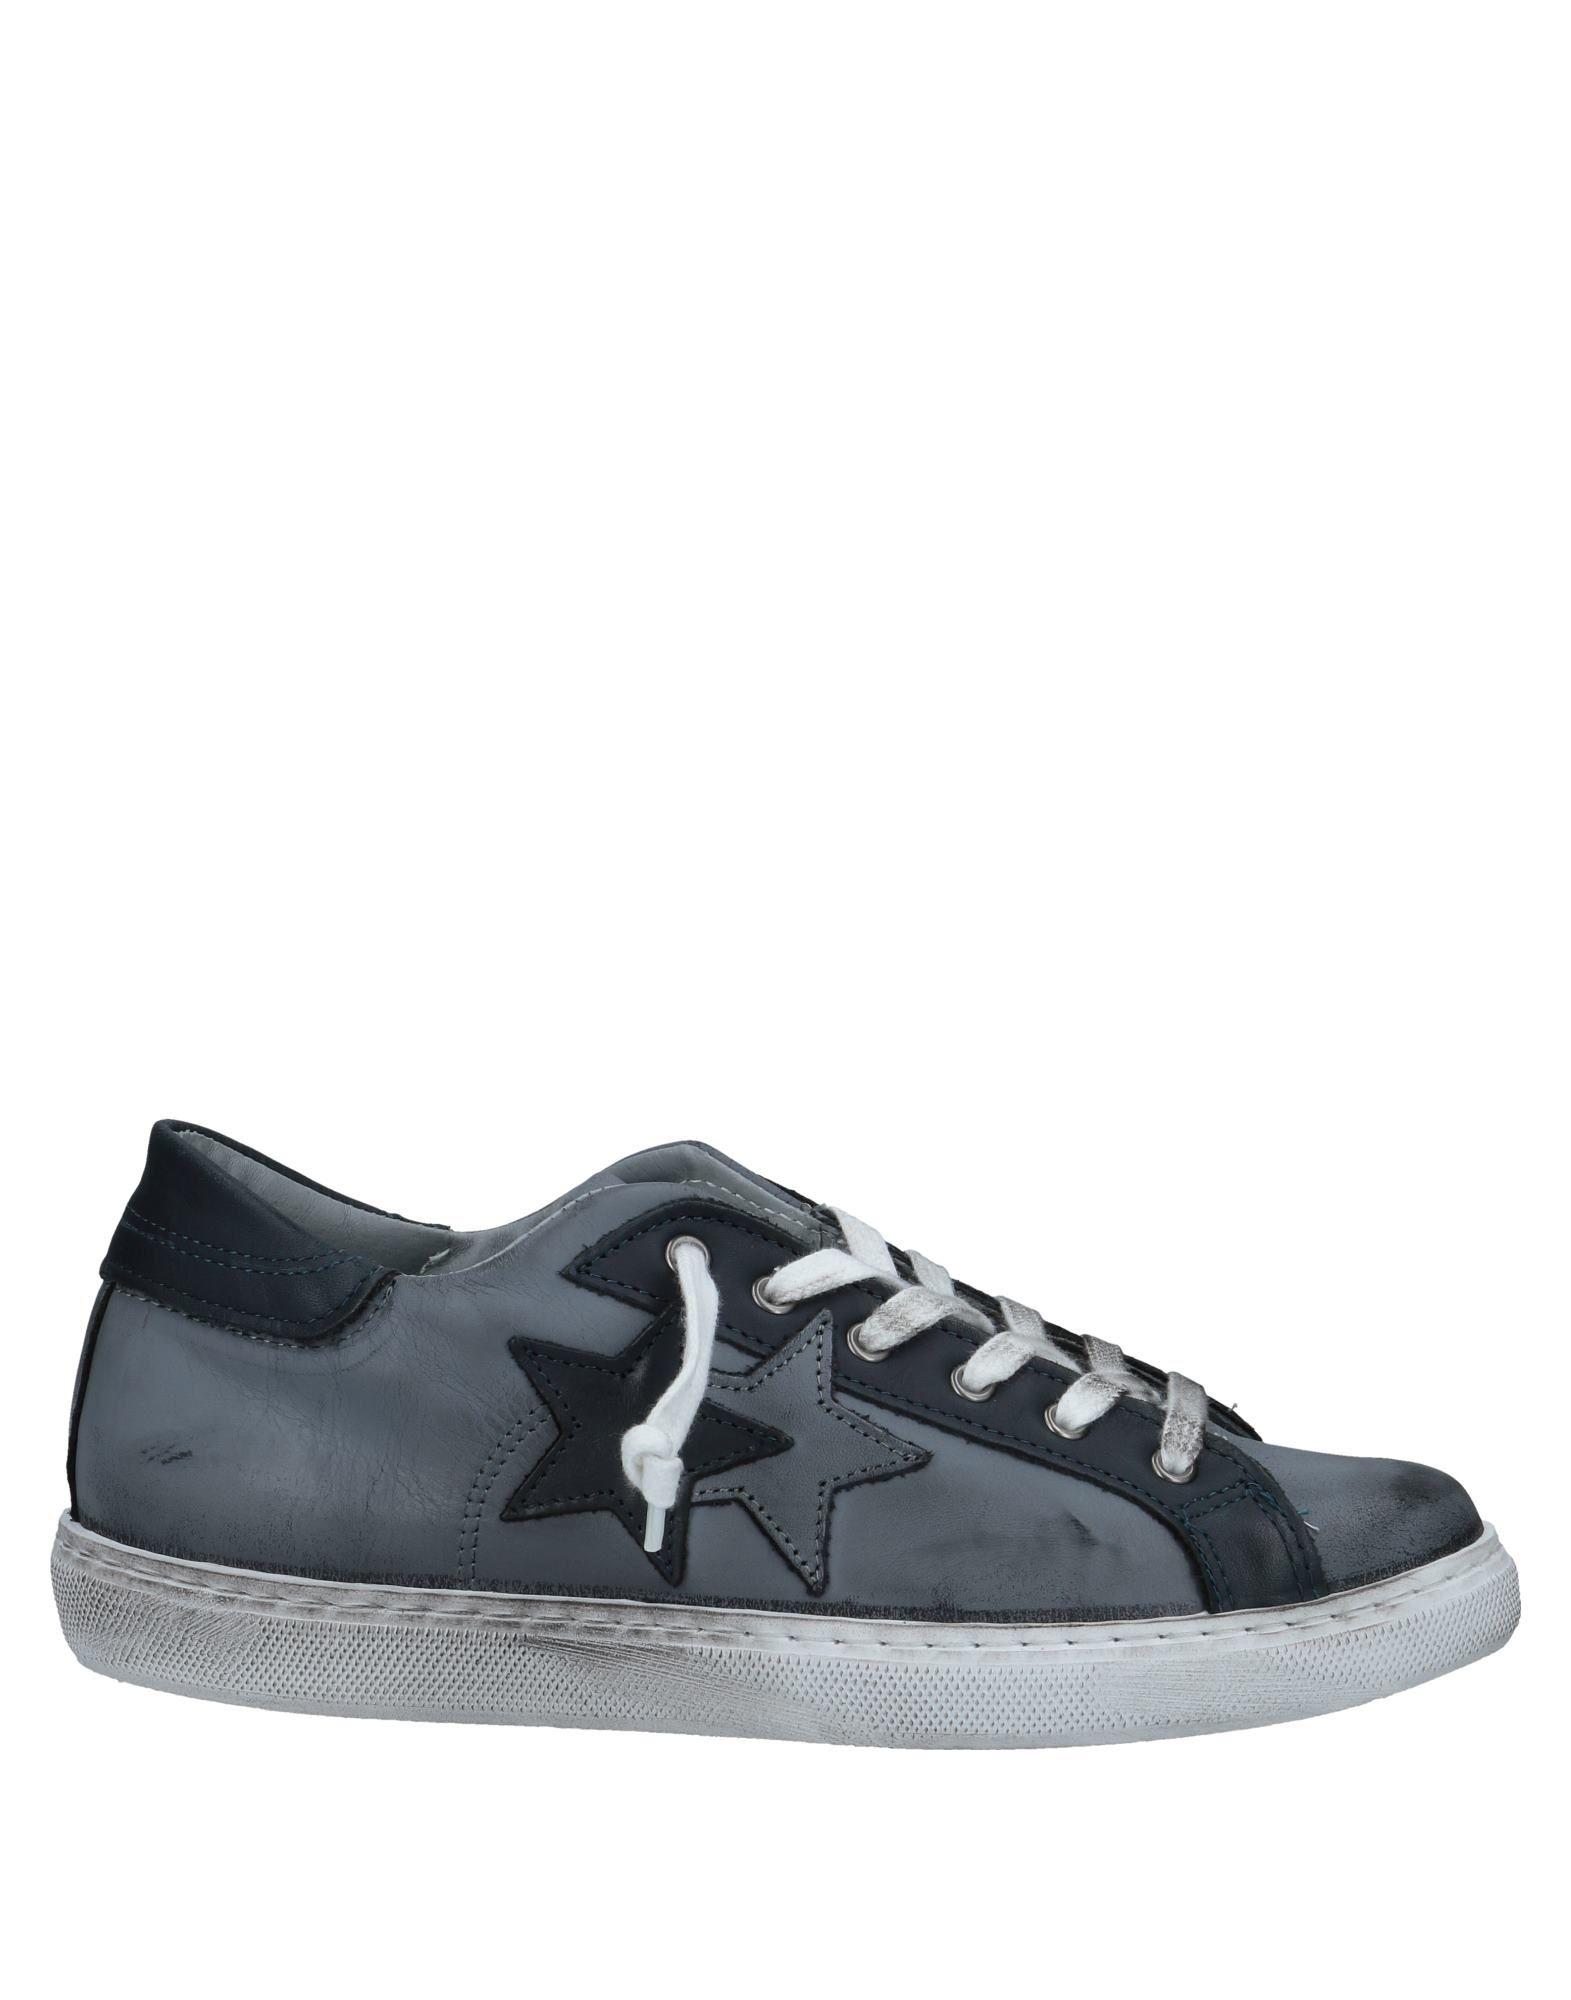 2Star Sneakers Damen  11547993UV Gute Qualität beliebte Schuhe Schuhe Schuhe 99f302